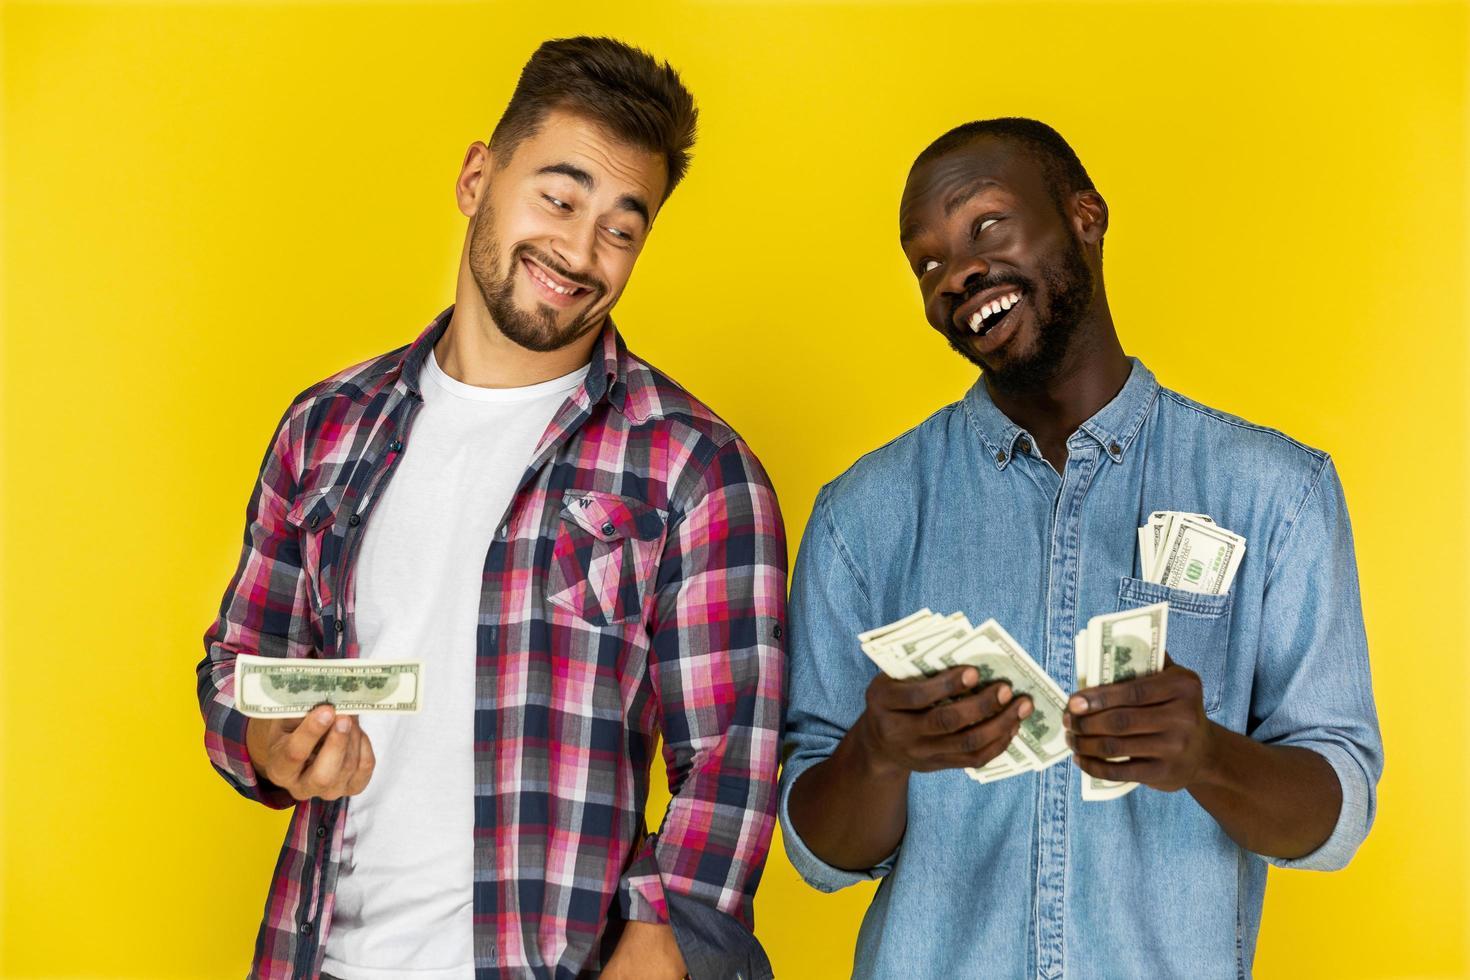 twee mannen met geld foto